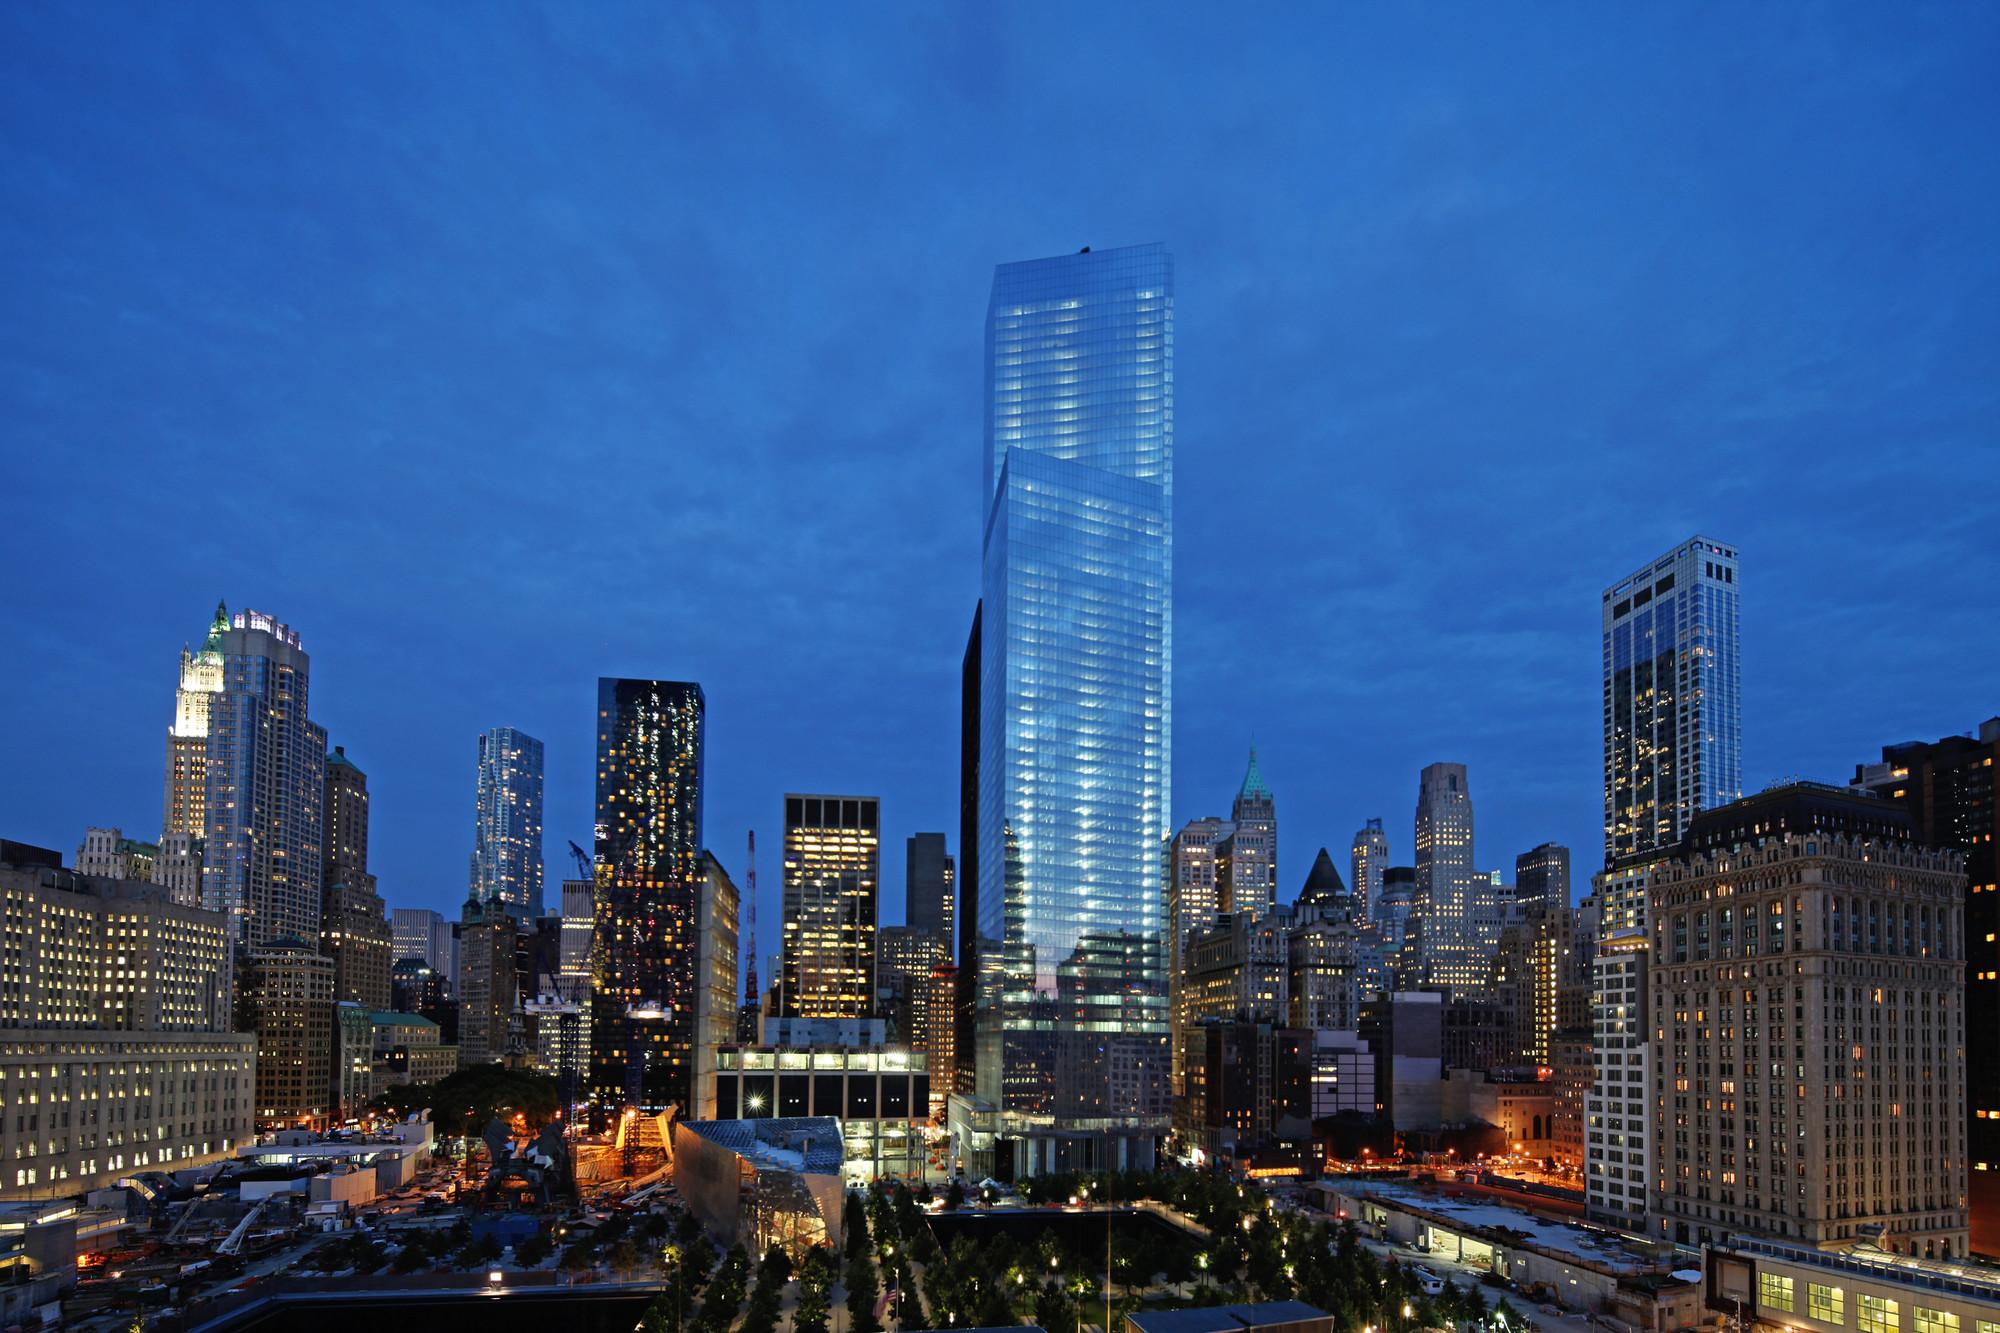 edificios nuevos se unen al listado anual de los edificios ms altos del mundo